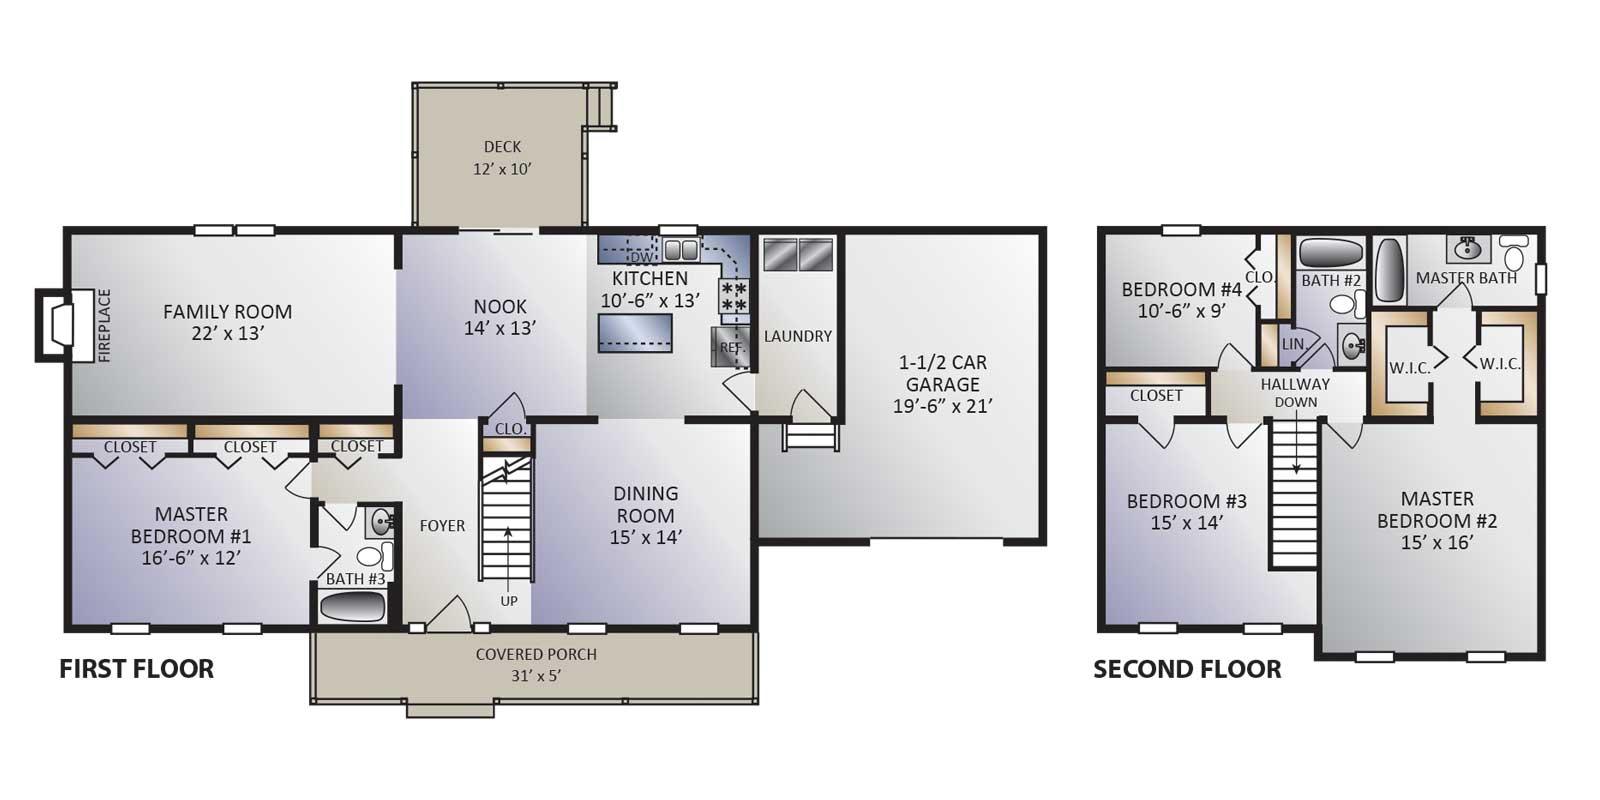 Clearview model floor plan